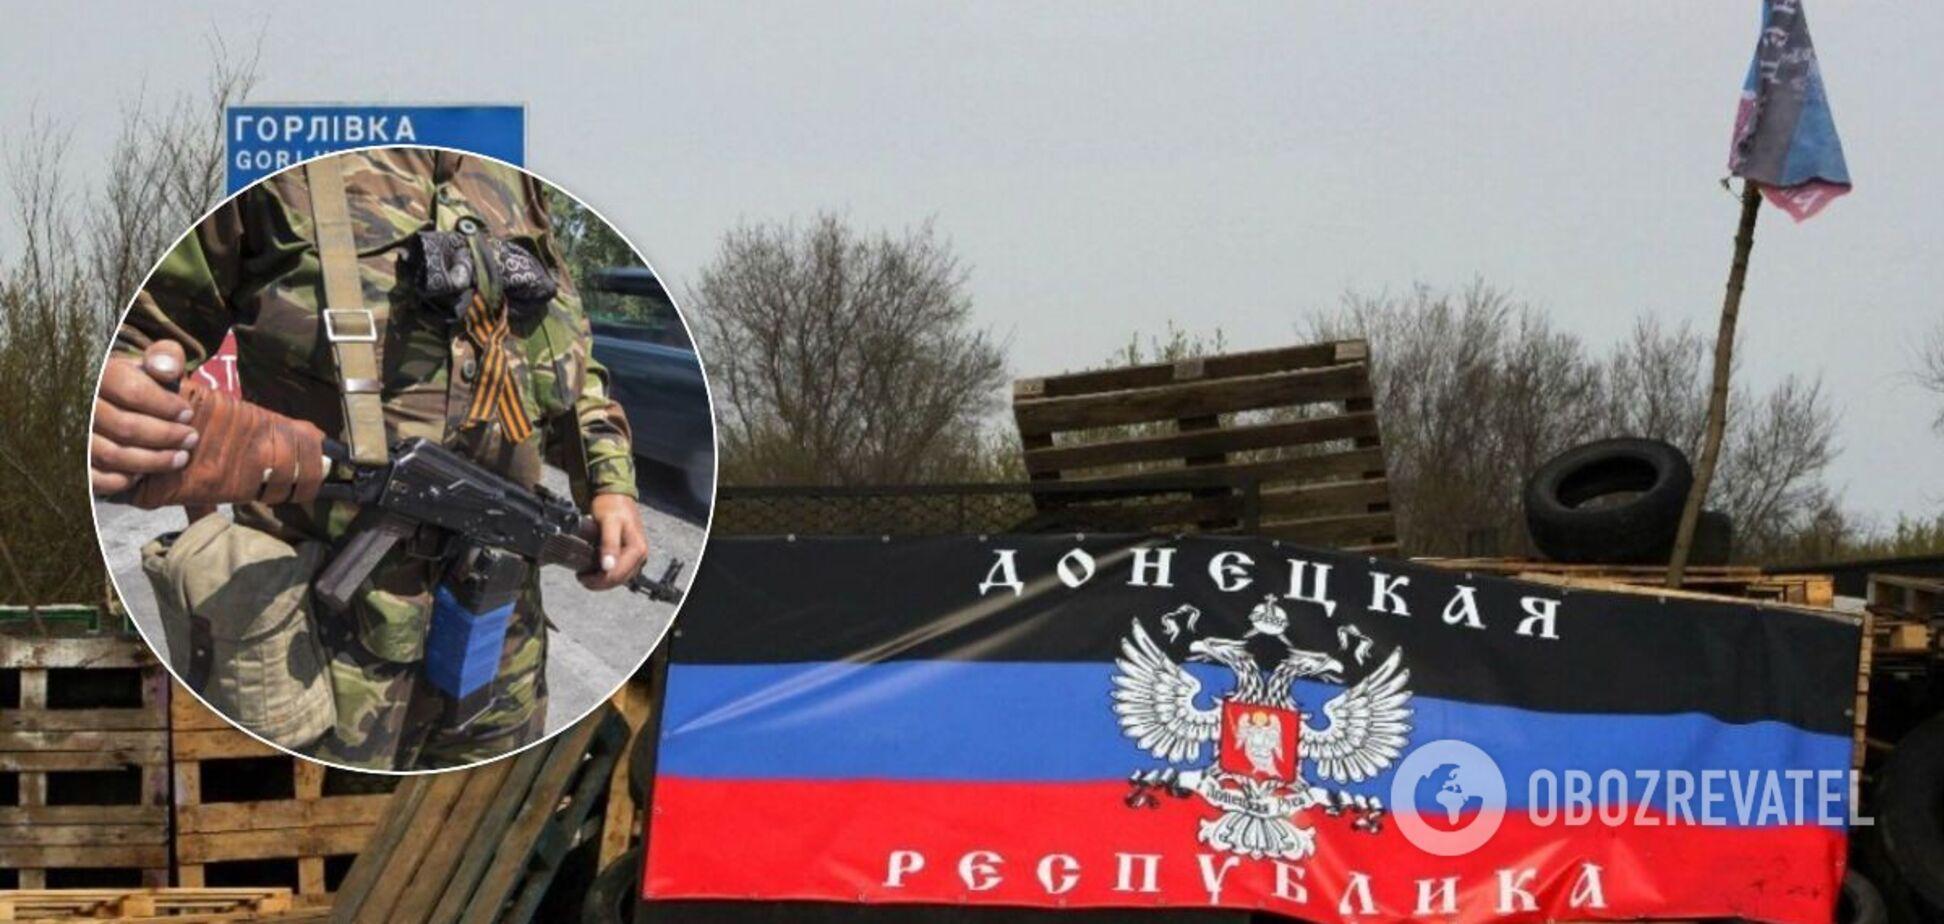 Террорист нес боевое дежурство на одном из блокпостов Донецка